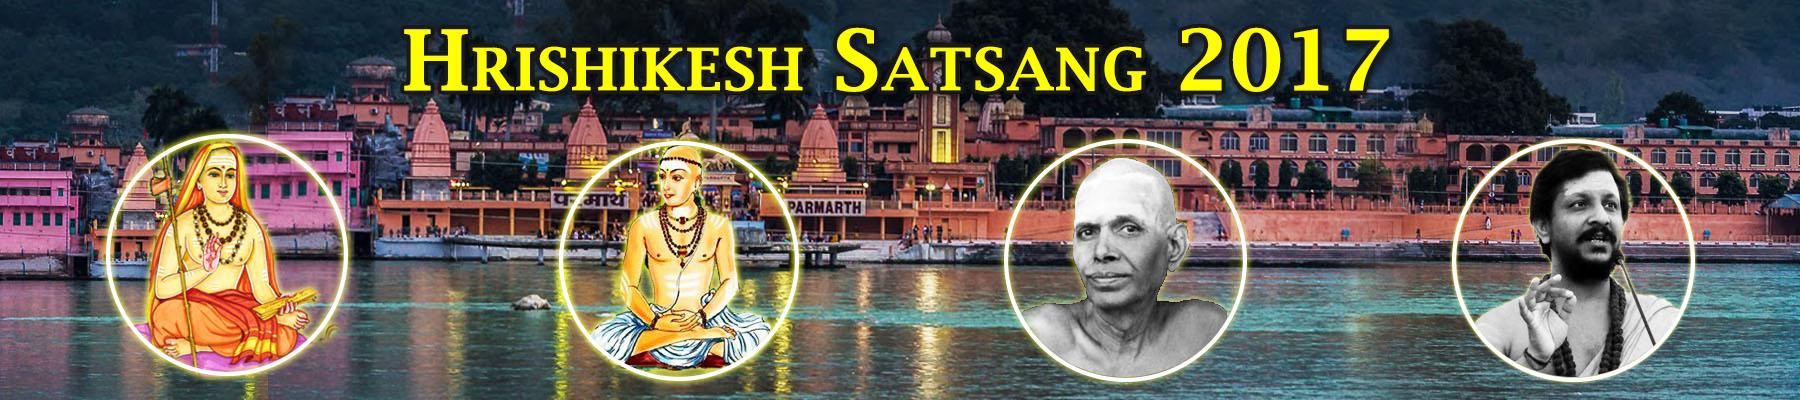 Hrishikesh Satsang